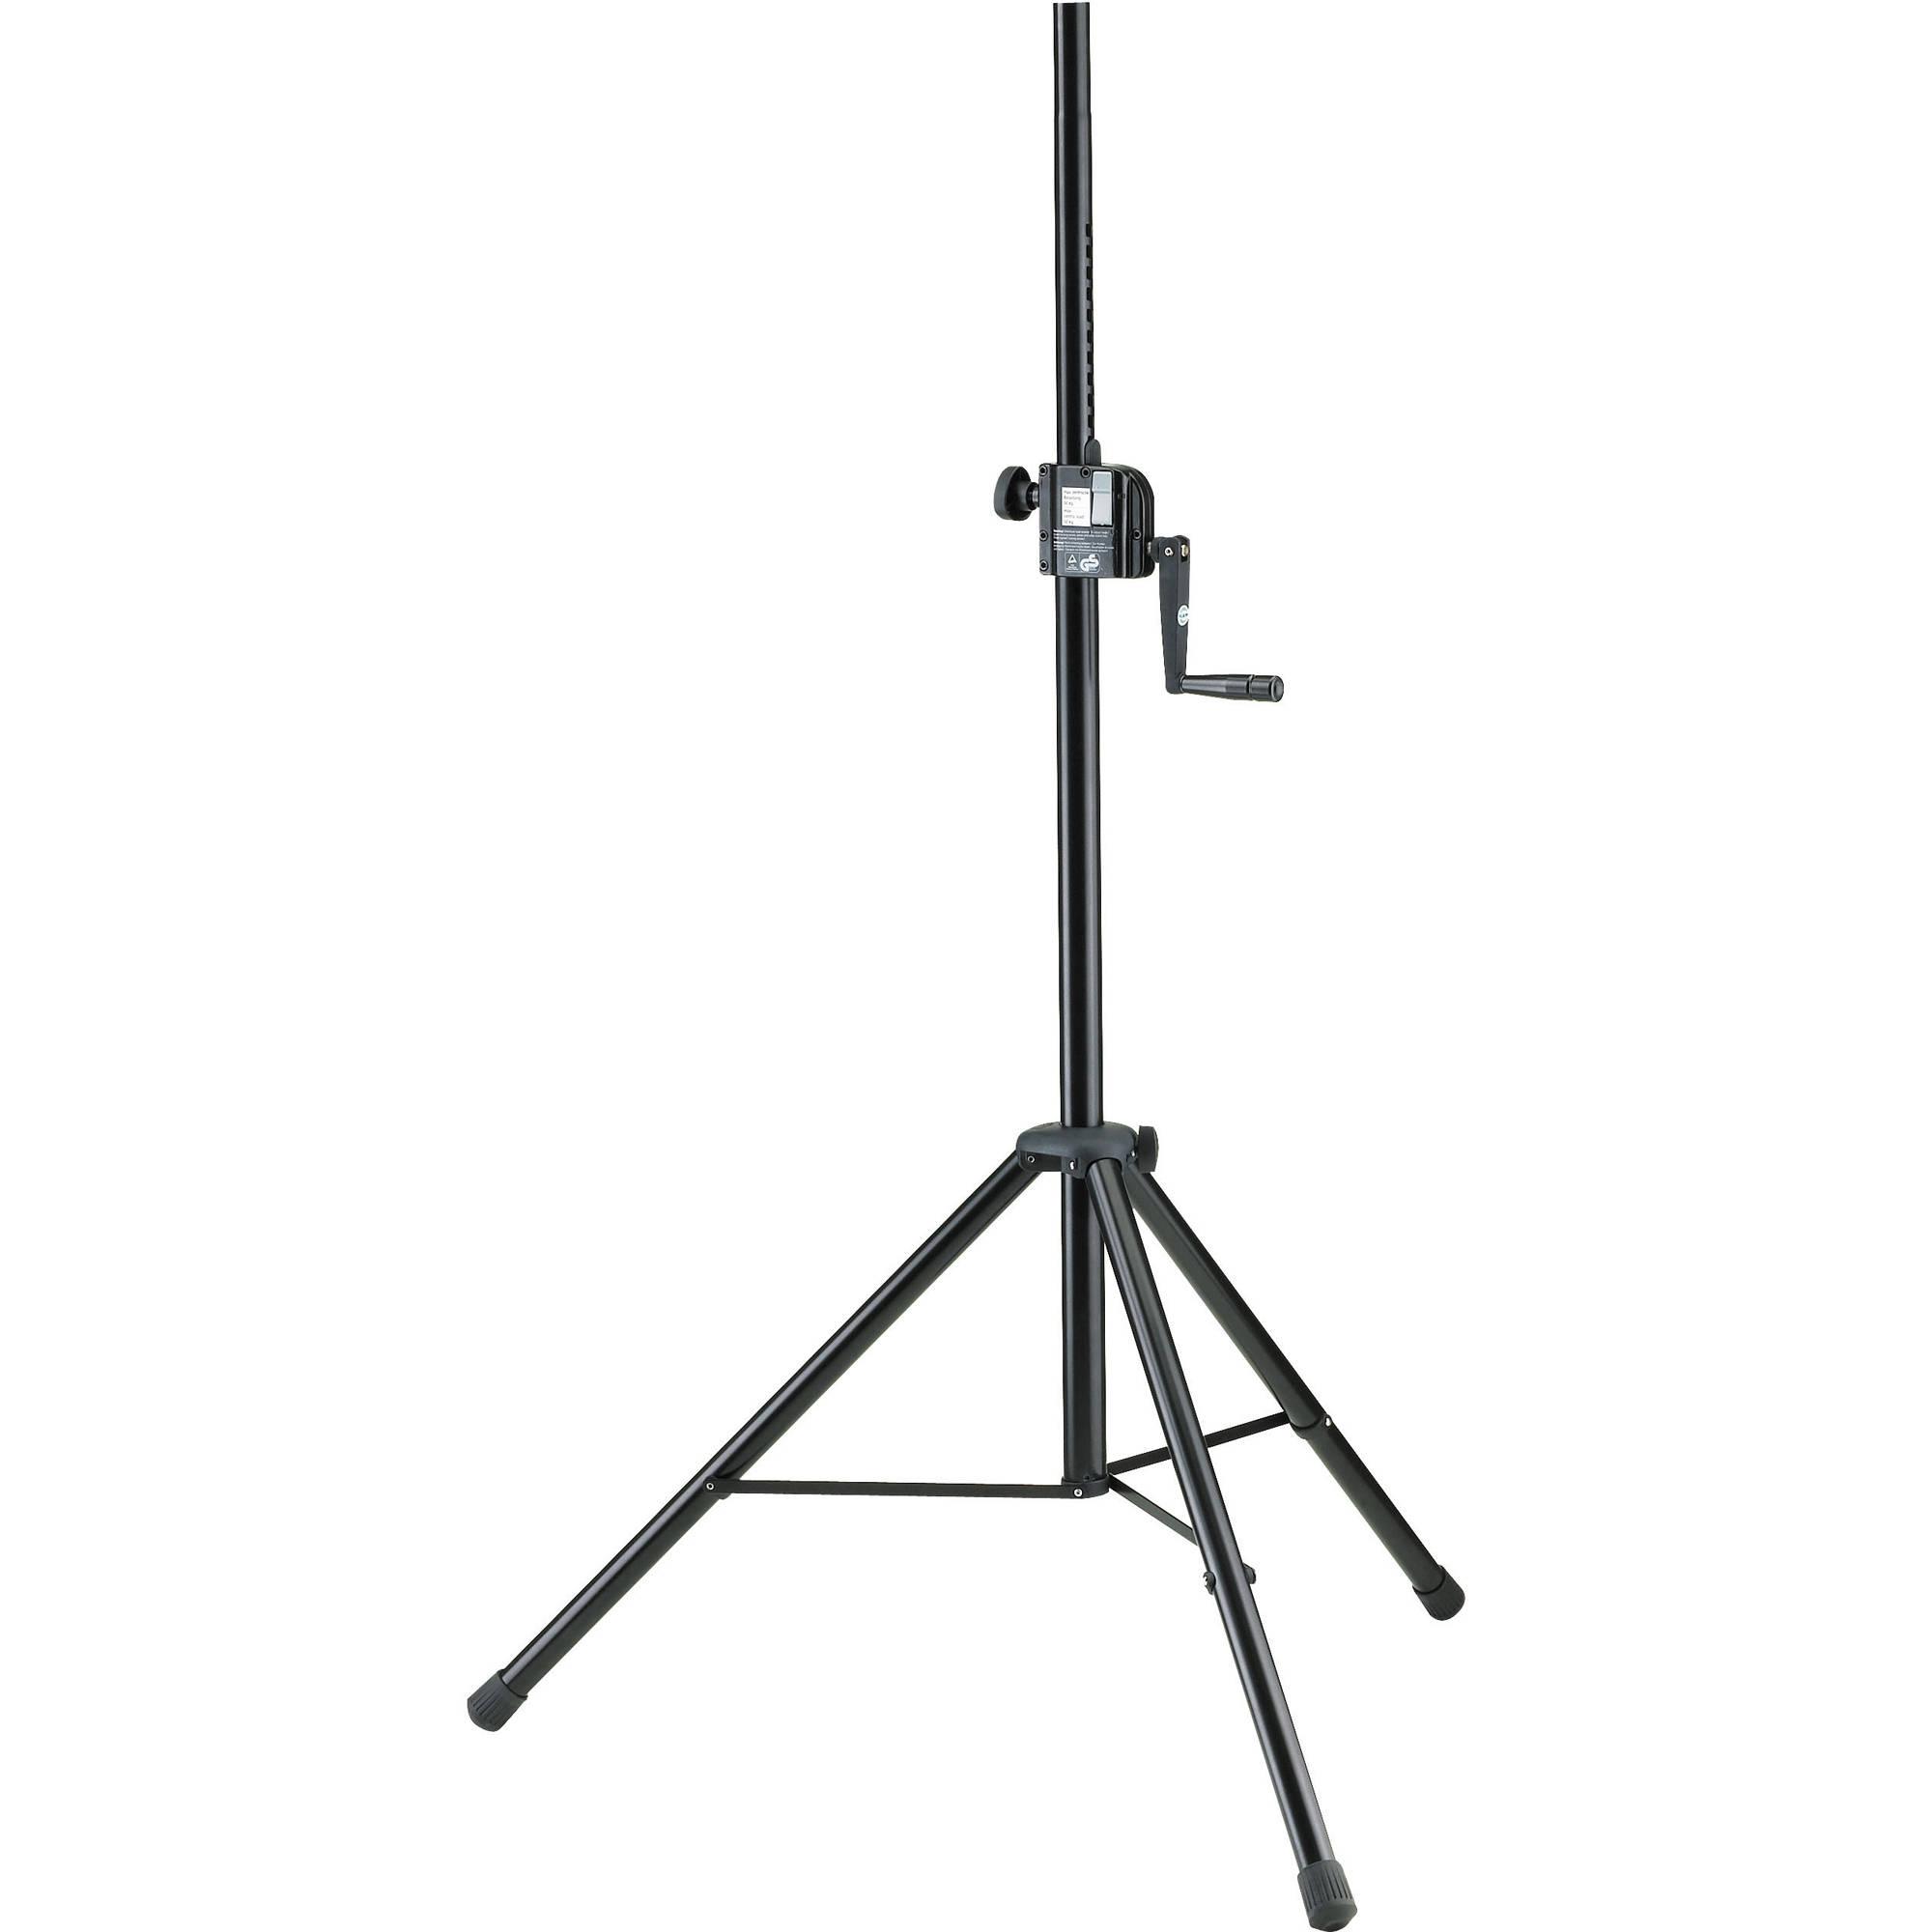 k m 21302 hand crank speaker stand black 21302 009 55 b h. Black Bedroom Furniture Sets. Home Design Ideas